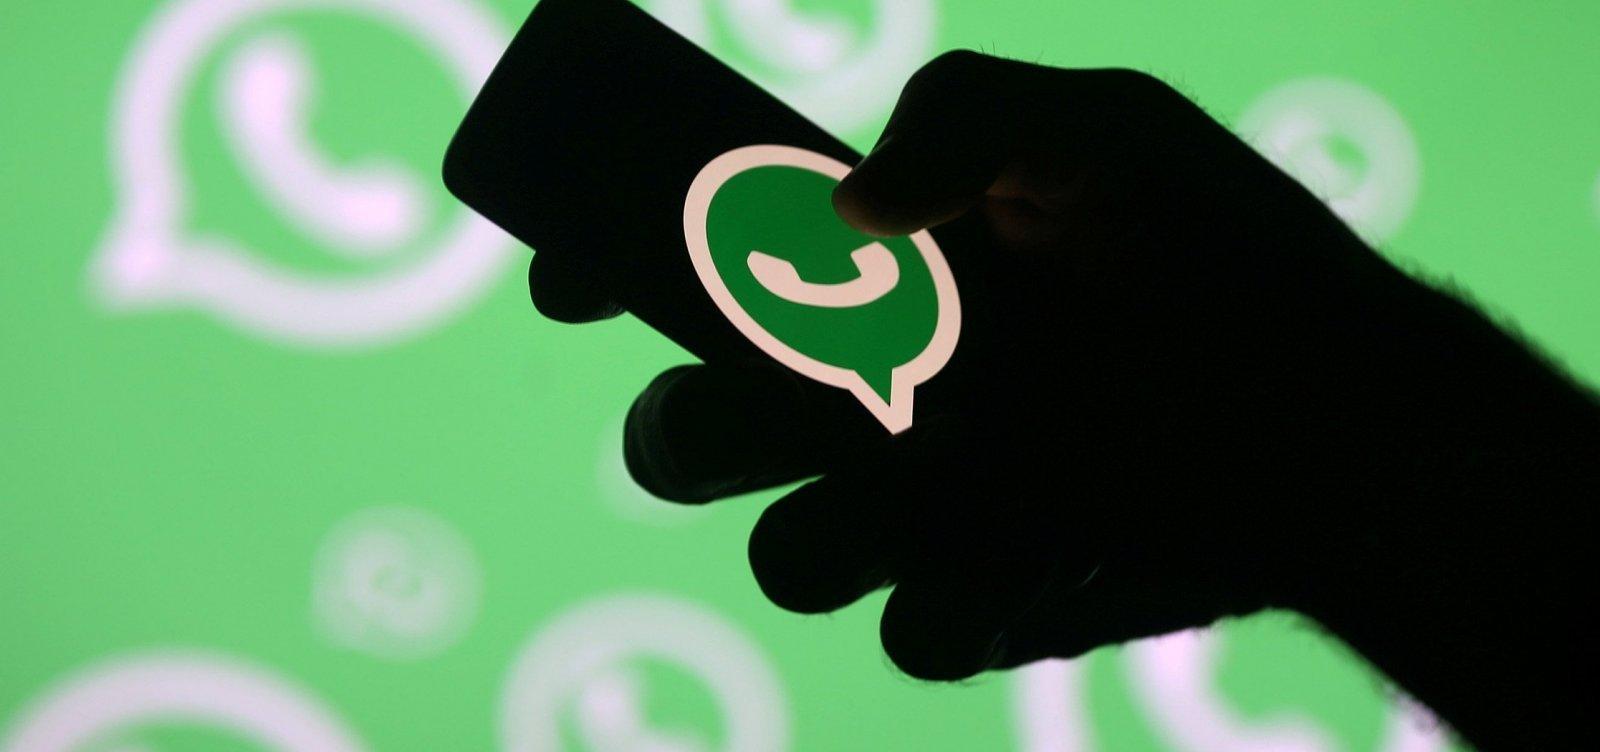 [WhatsApp baniu mais de mil contas por disparos em massa durante período eleitoral, diz TSE]